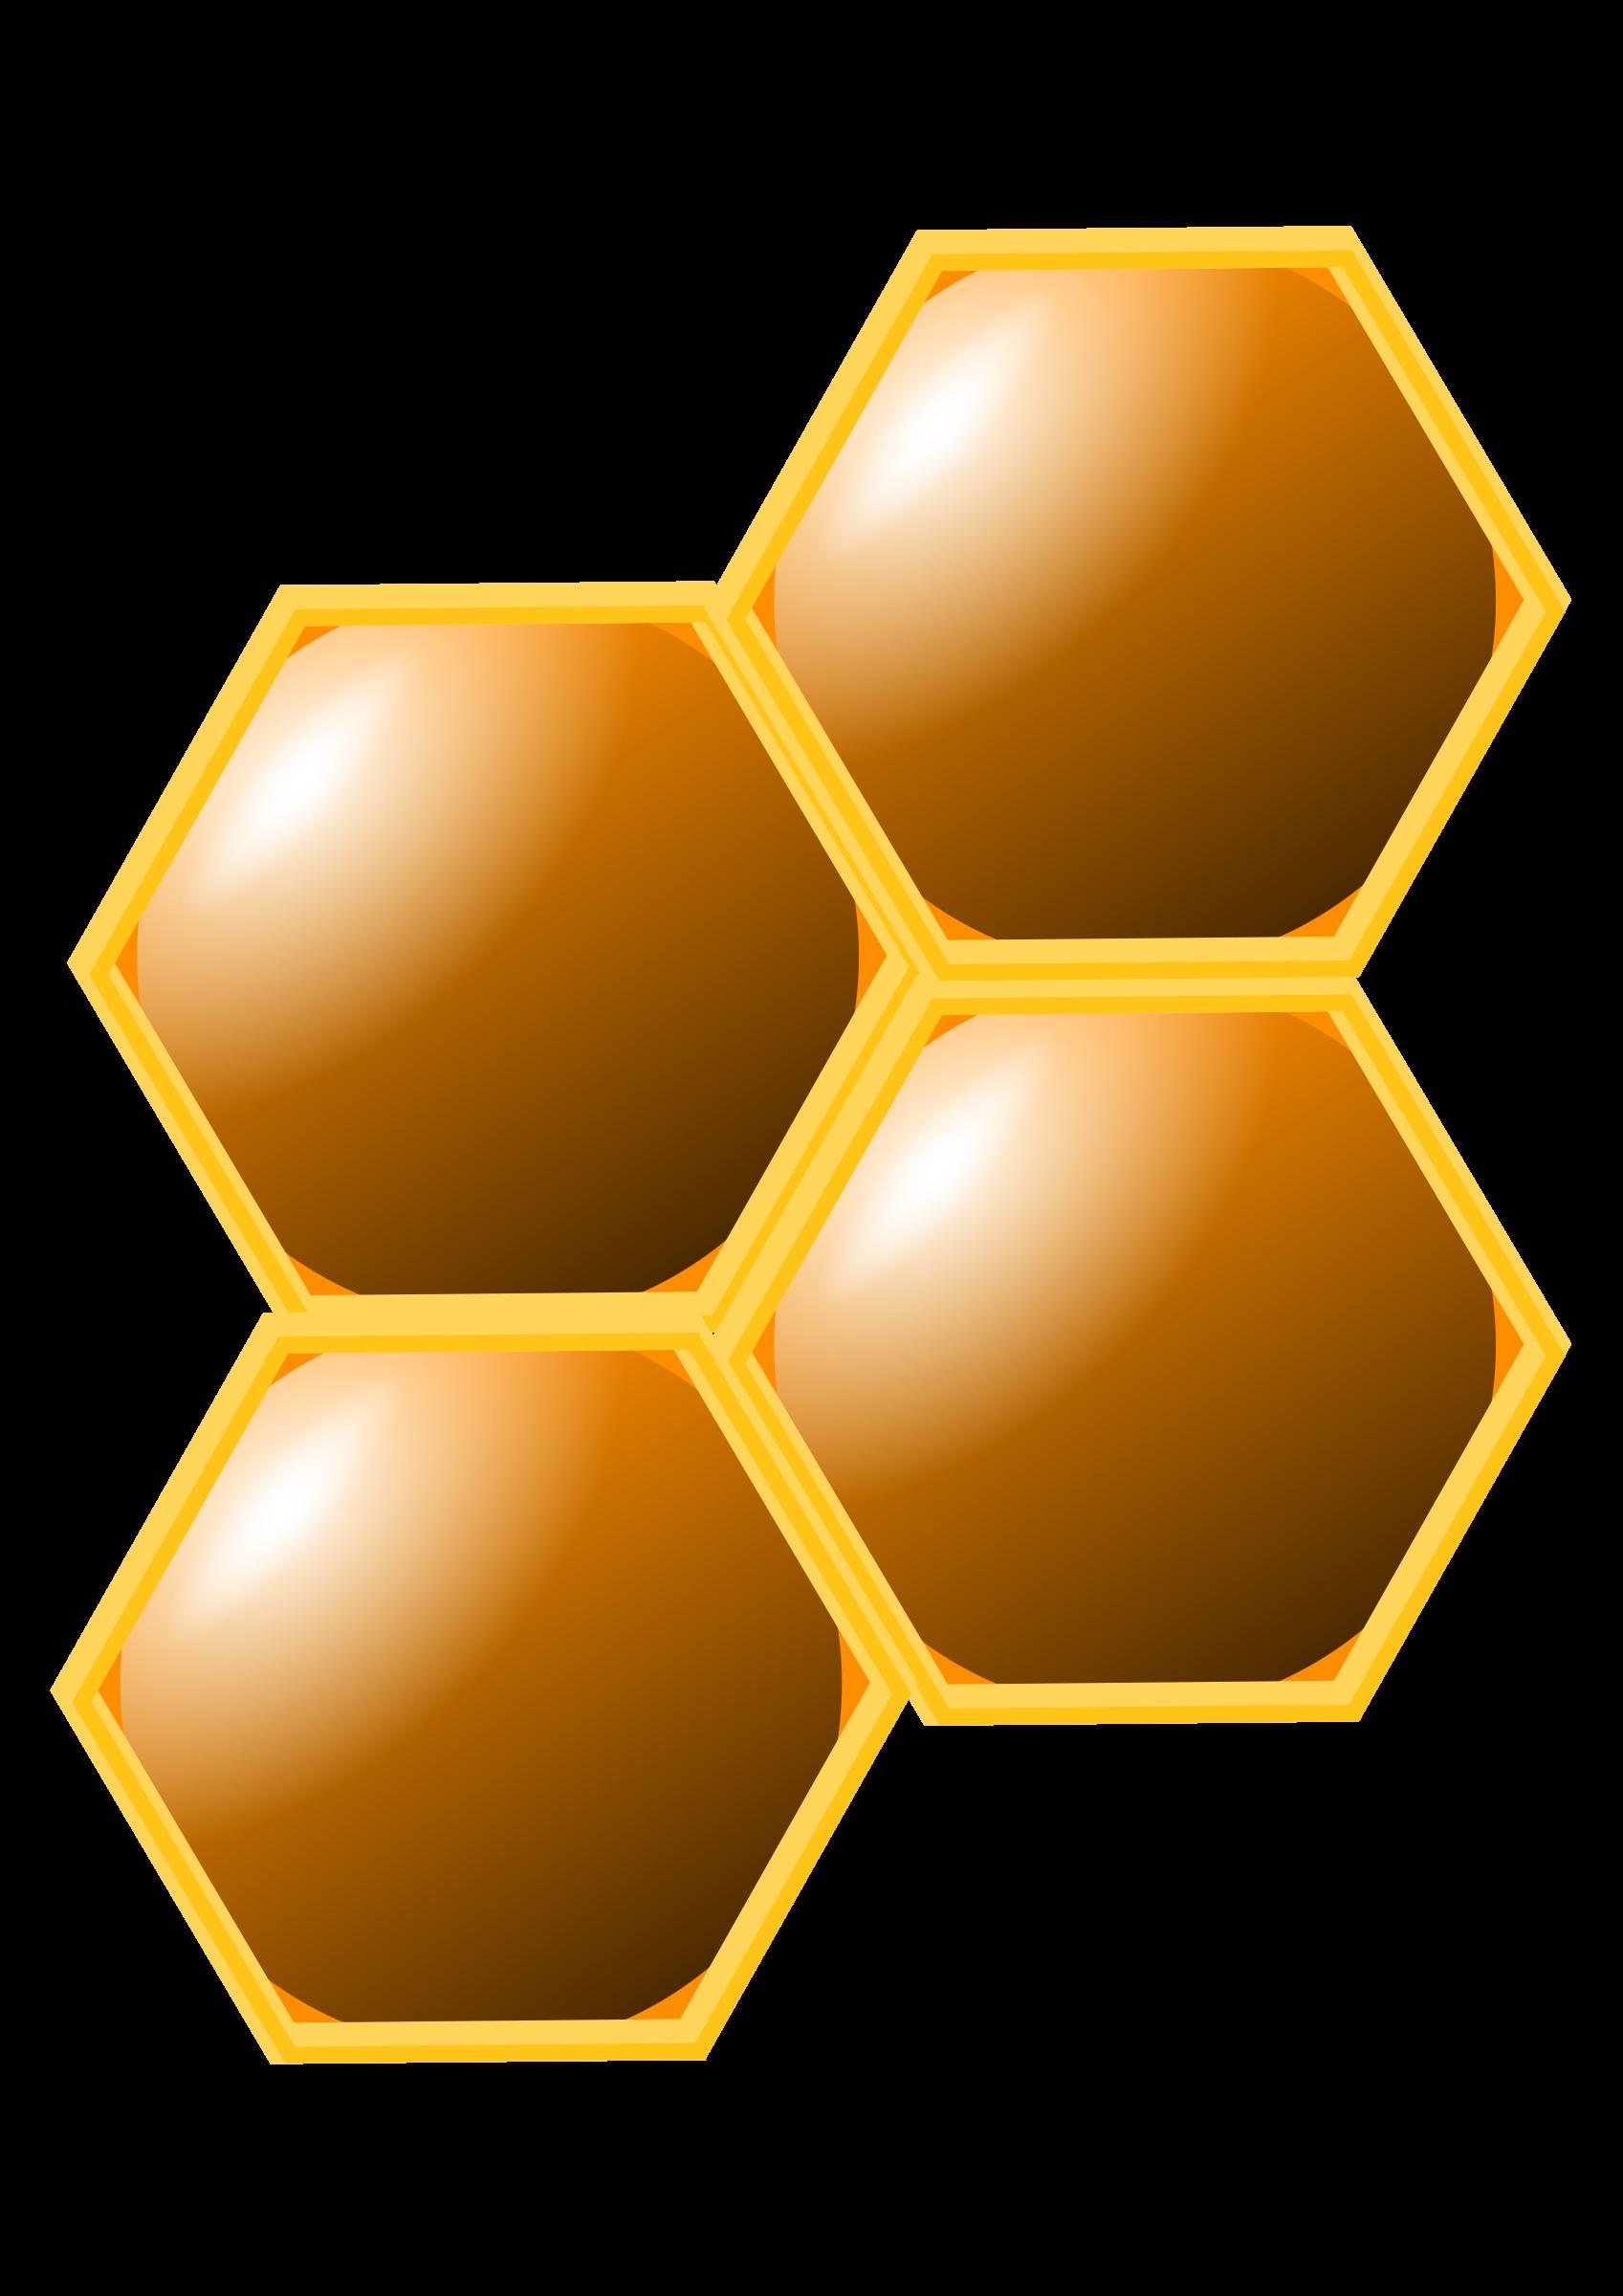 honeycomb clipart honey comb